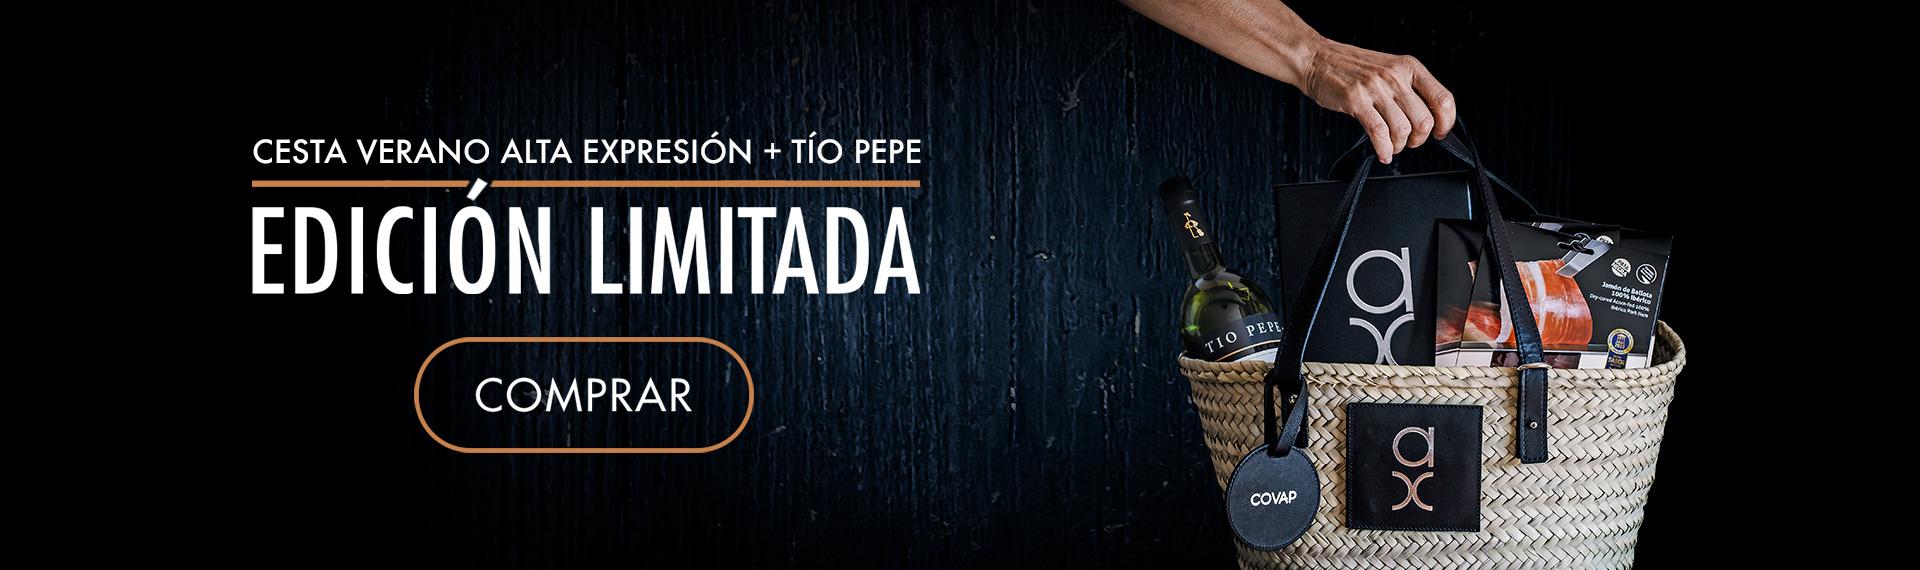 Cesta Verano Alta Expresión + Tío Pepe - Edición Limitada